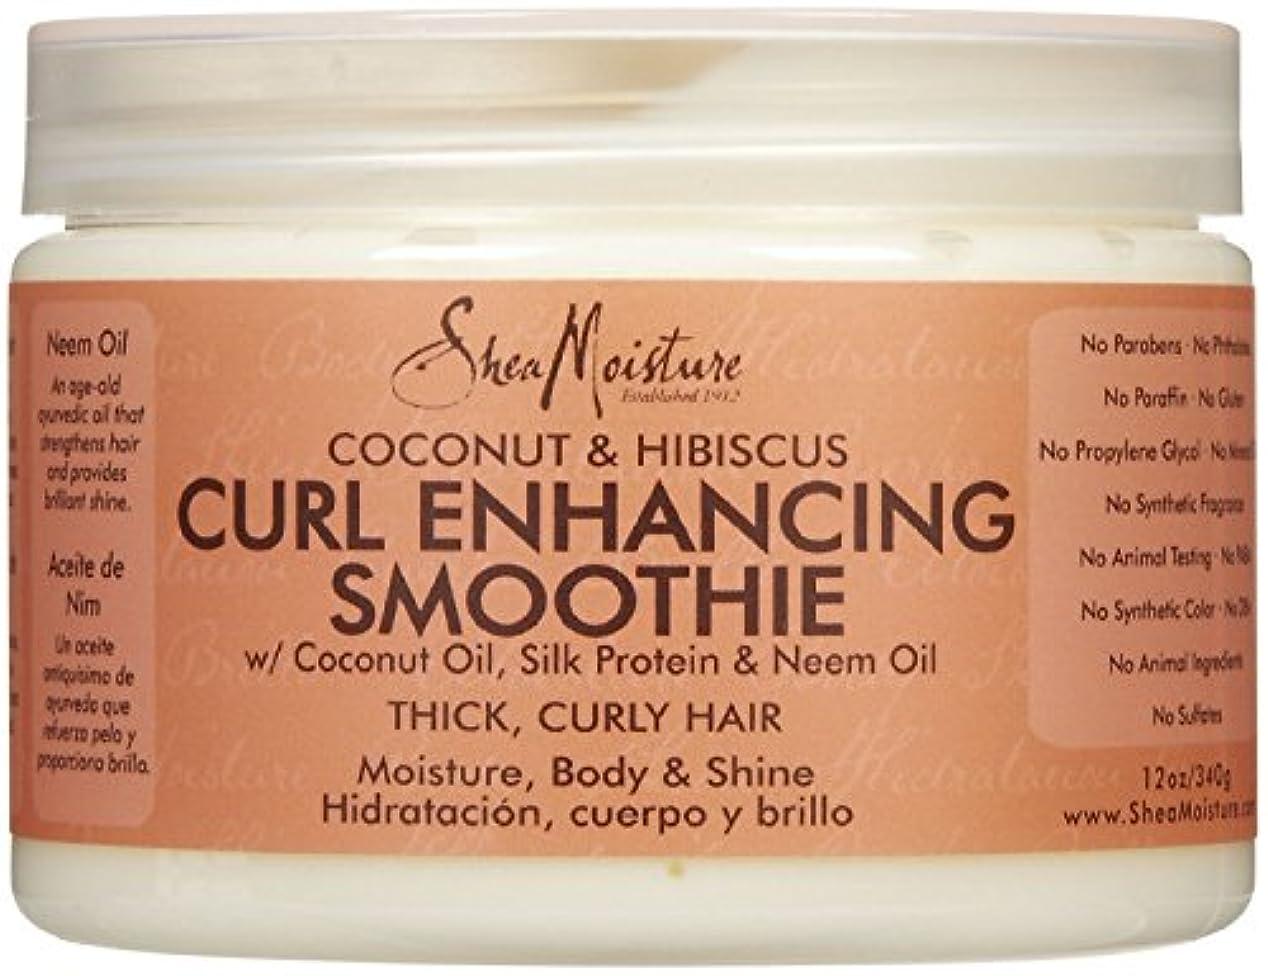 舌な荒涼とした封筒シーモイスチャー Shea Moisture Coconut Hibiscus Curl Enhancing Smoothie ヘアトリートメント